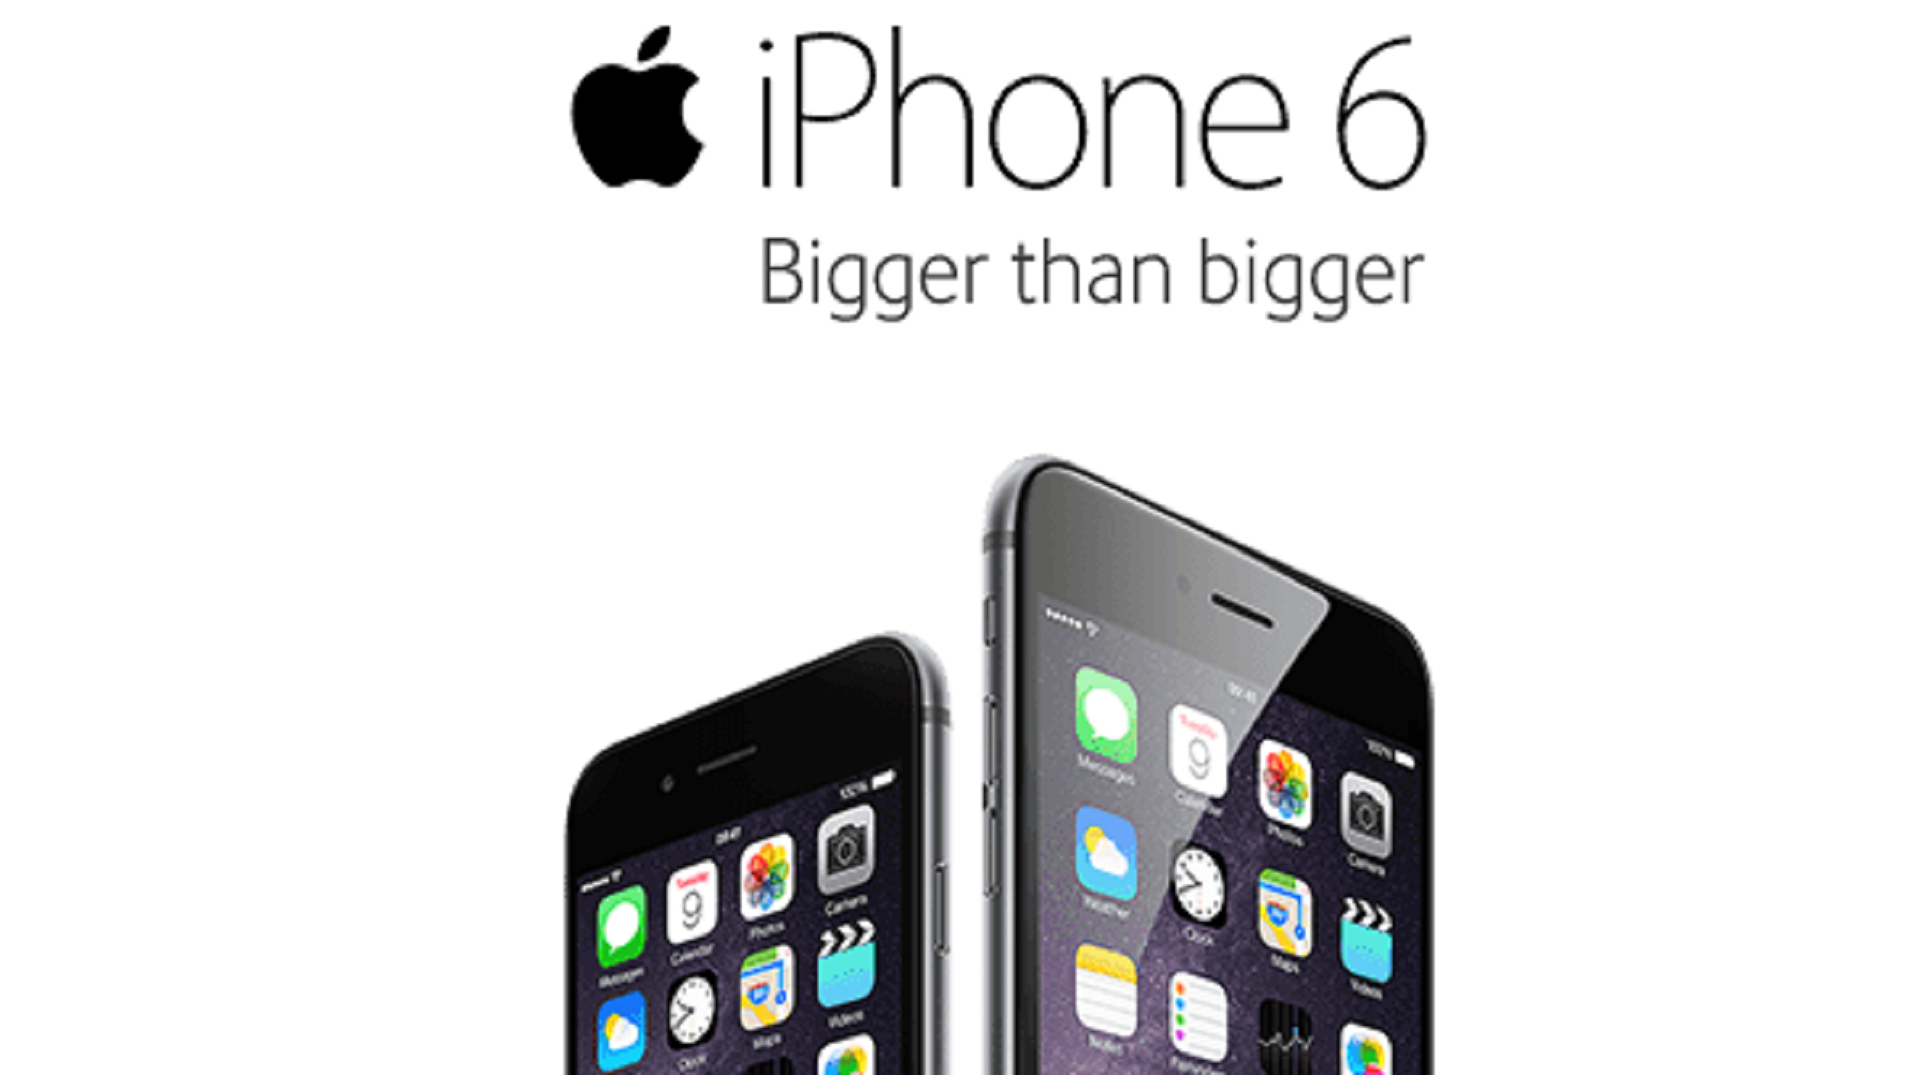 iPhone6 vine la Vodafone pe 31 octombrie